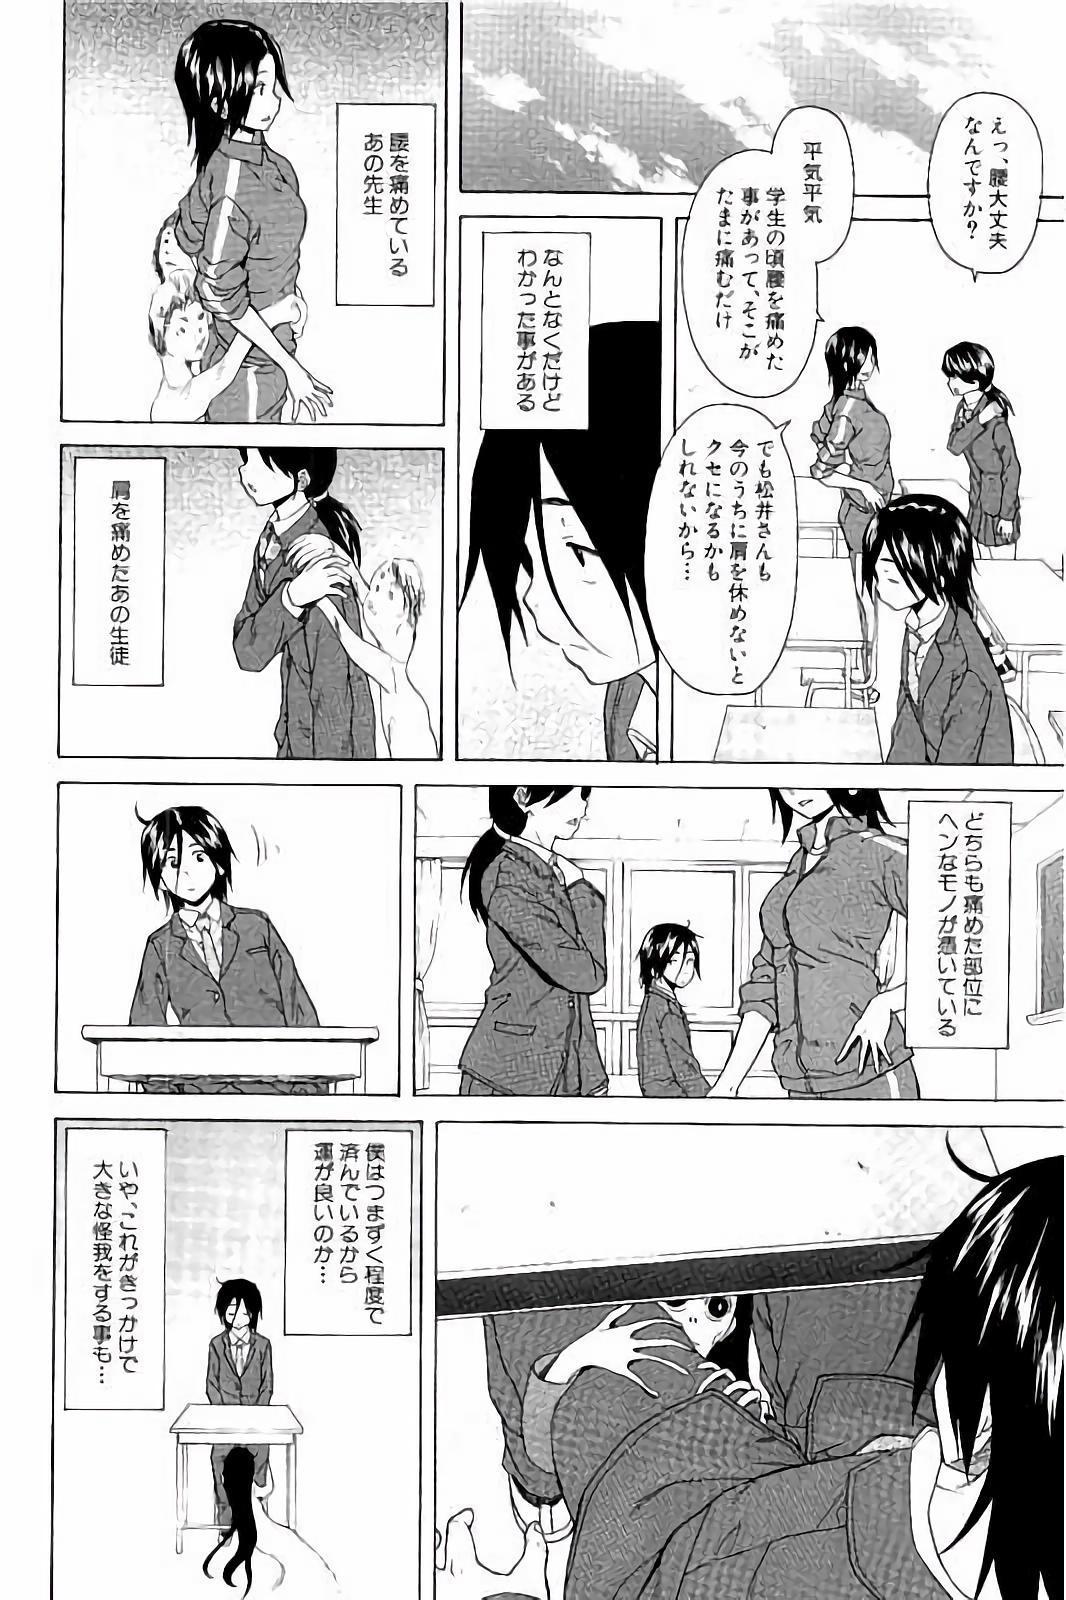 Ane no Himitsu To Boku no Jisatsu 43